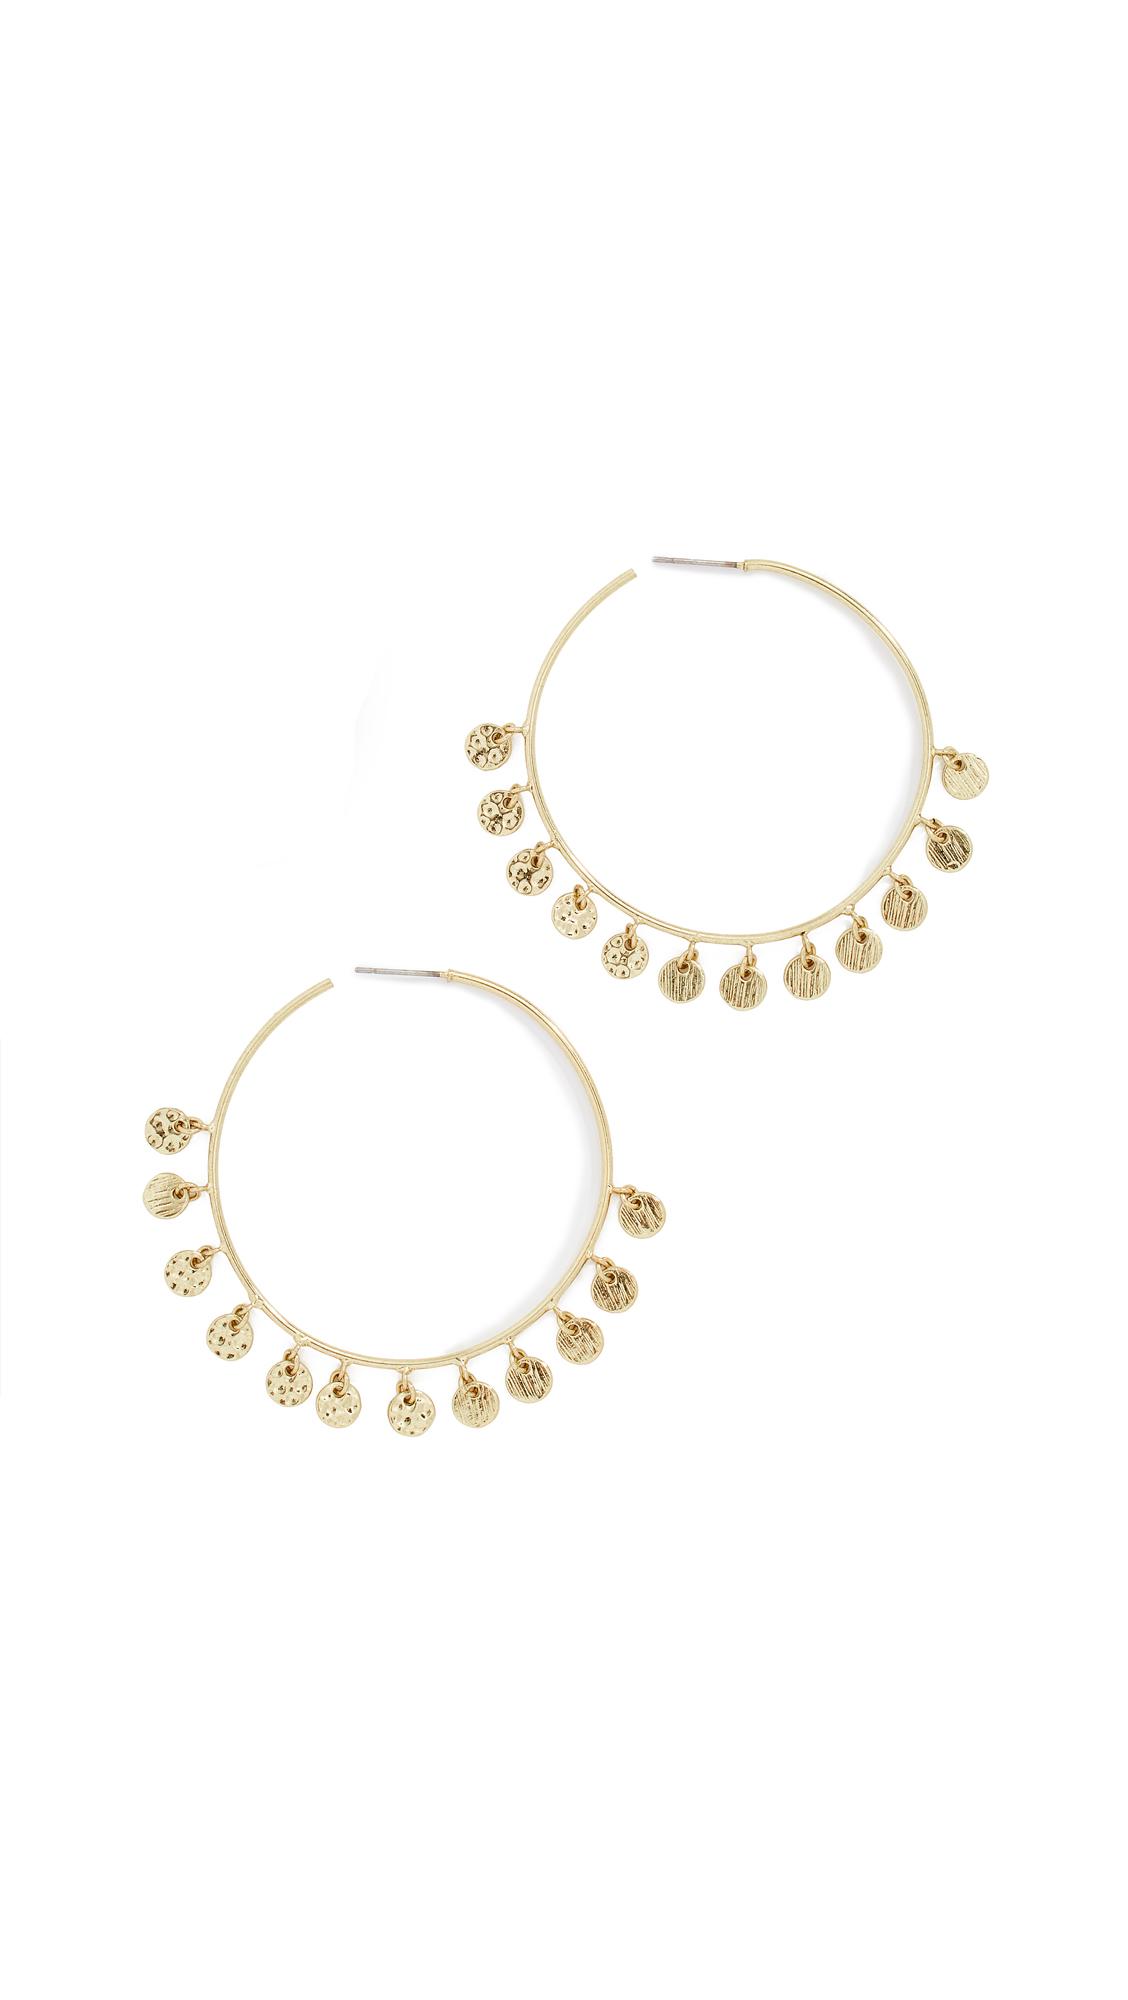 LUV AJ Hammered Disc Hoop Earrings in Yellow Gold